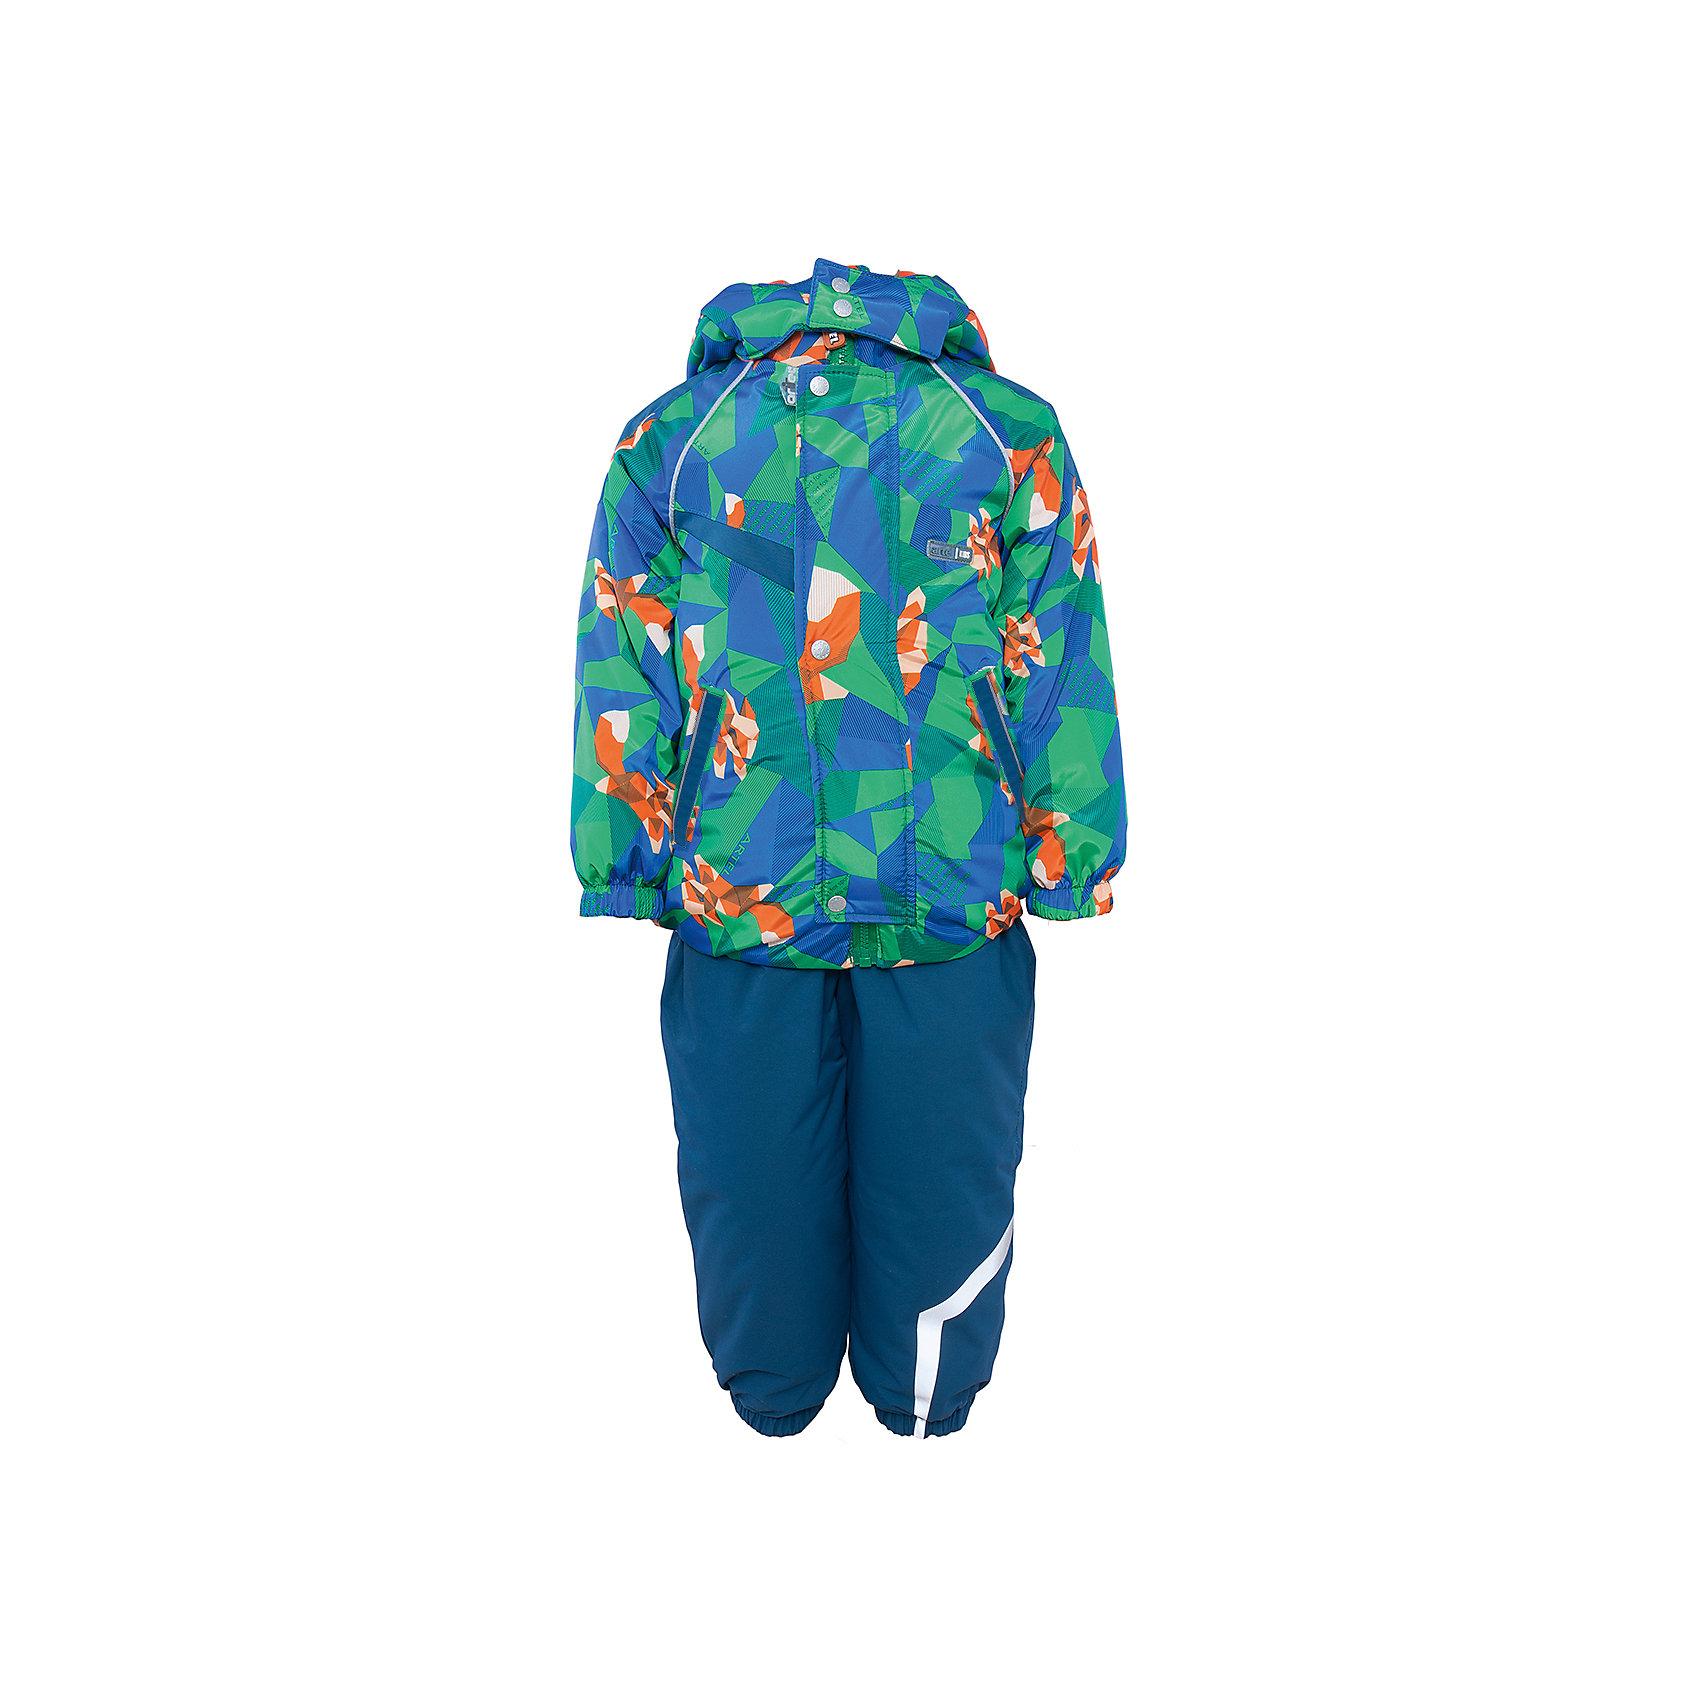 Комплект: куртка и полукомбинезон для мальчика АртельКомплект: куртка и полукомбинезон для мальчика от известного бренда Артель<br>Комплект на современном утеплителеиз мембранной ткани, позволит малышу долго гулять даже в самую слякотную погоду, кататься с мокрых горок и не промокнуть. Куртка выполнена из ткани с оригинальным геометрическим принтом. Центральный замок на молнию прикрыт ветрозащитной планкой. У полукомбинезона регулируется длина бретелек. По низу штанишек расположены штрипки, которые фиксируются на сапожках, удерживают штанину от задирания и обеспечивают дополнительную защиту от скольжения. Сзади, по линии талии, для дополнительной фиксации, расположена резинка.<br>Состав:<br>Верх: KB-703 HiPora<br>Подкладка: интерлок<br>Утеплитель: TermoFinn 200<br>Полукомбинезон:<br>Верх: Dobby HiPora<br>Подкладка: флис, пэ<br>Утеплитель: TermoFinn 200<br><br>Ширина мм: 215<br>Глубина мм: 88<br>Высота мм: 191<br>Вес г: 336<br>Цвет: синий<br>Возраст от месяцев: 12<br>Возраст до месяцев: 15<br>Пол: Мужской<br>Возраст: Детский<br>Размер: 80,92,86<br>SKU: 4963961